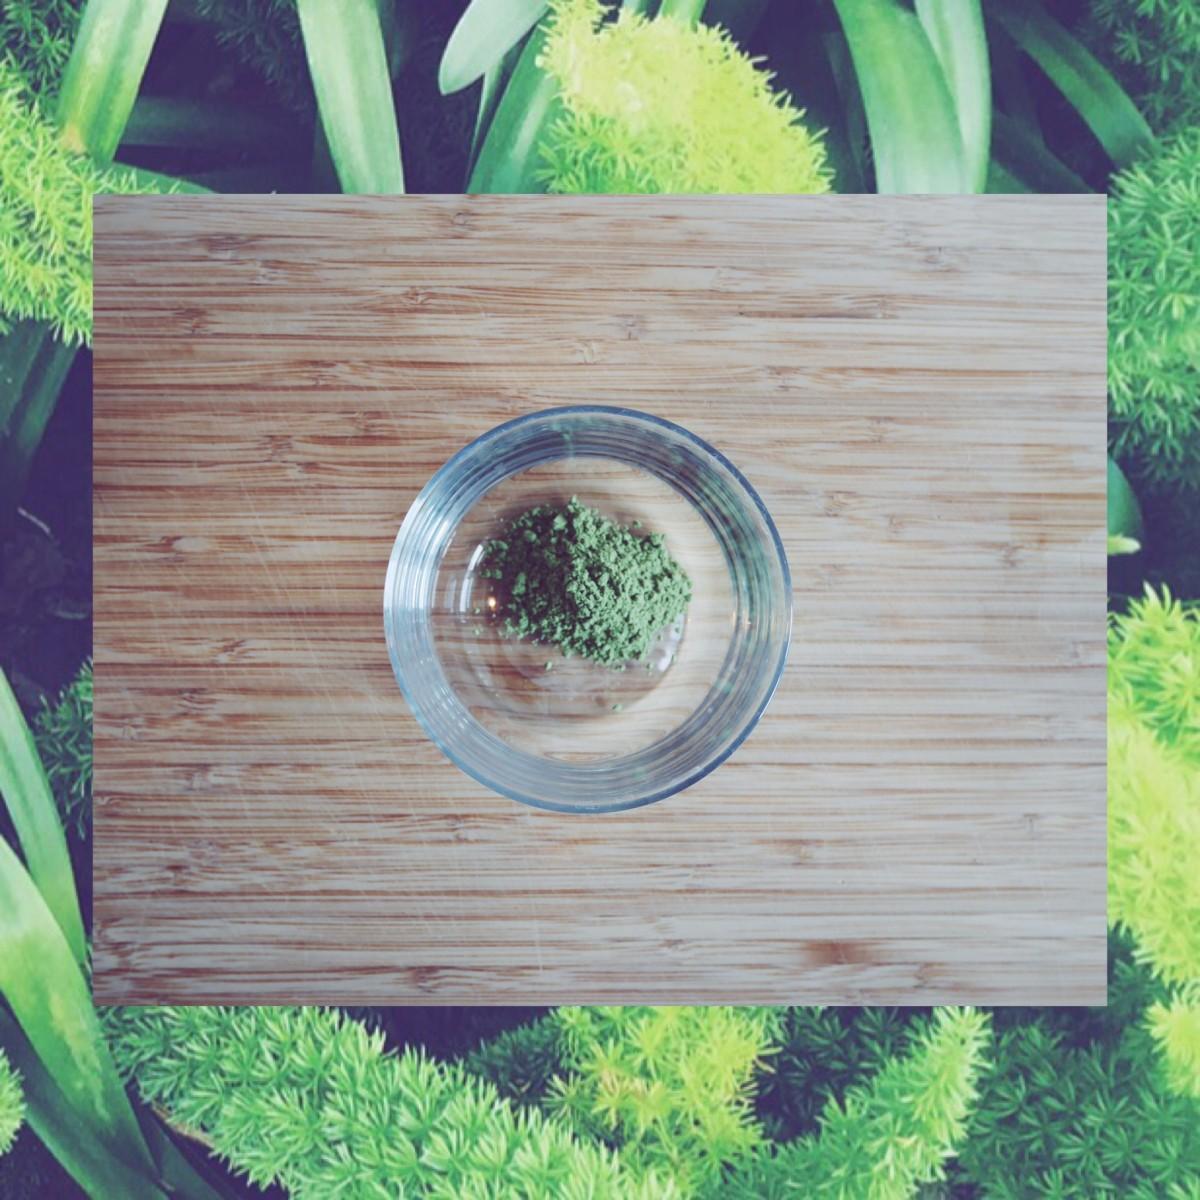 Organic wheatgrass powder from Superfruit, buy here!